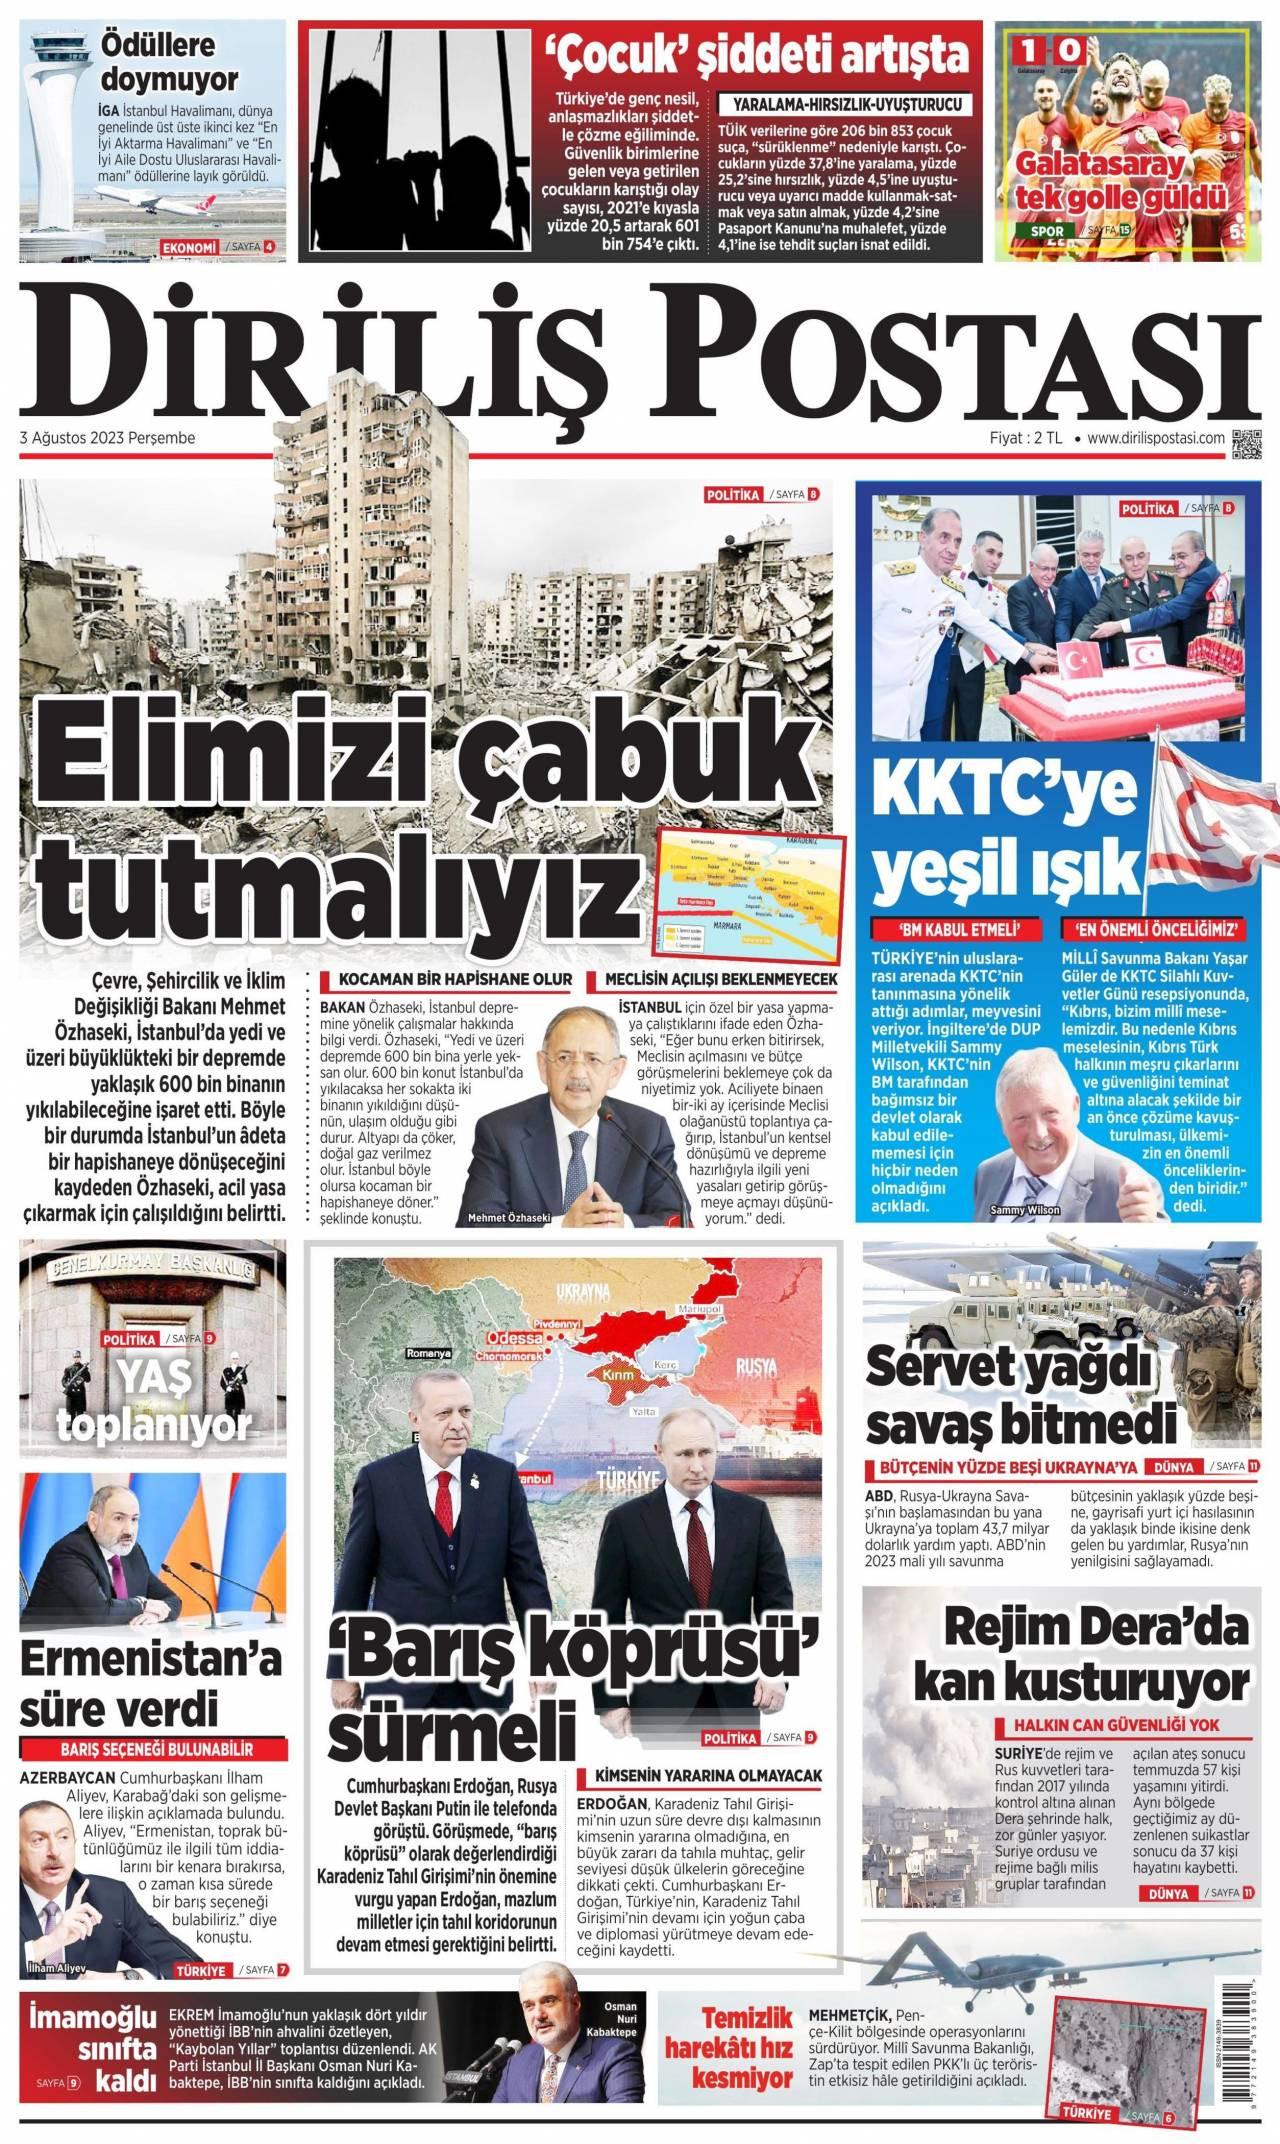 Dirliş Postası Gazetesi